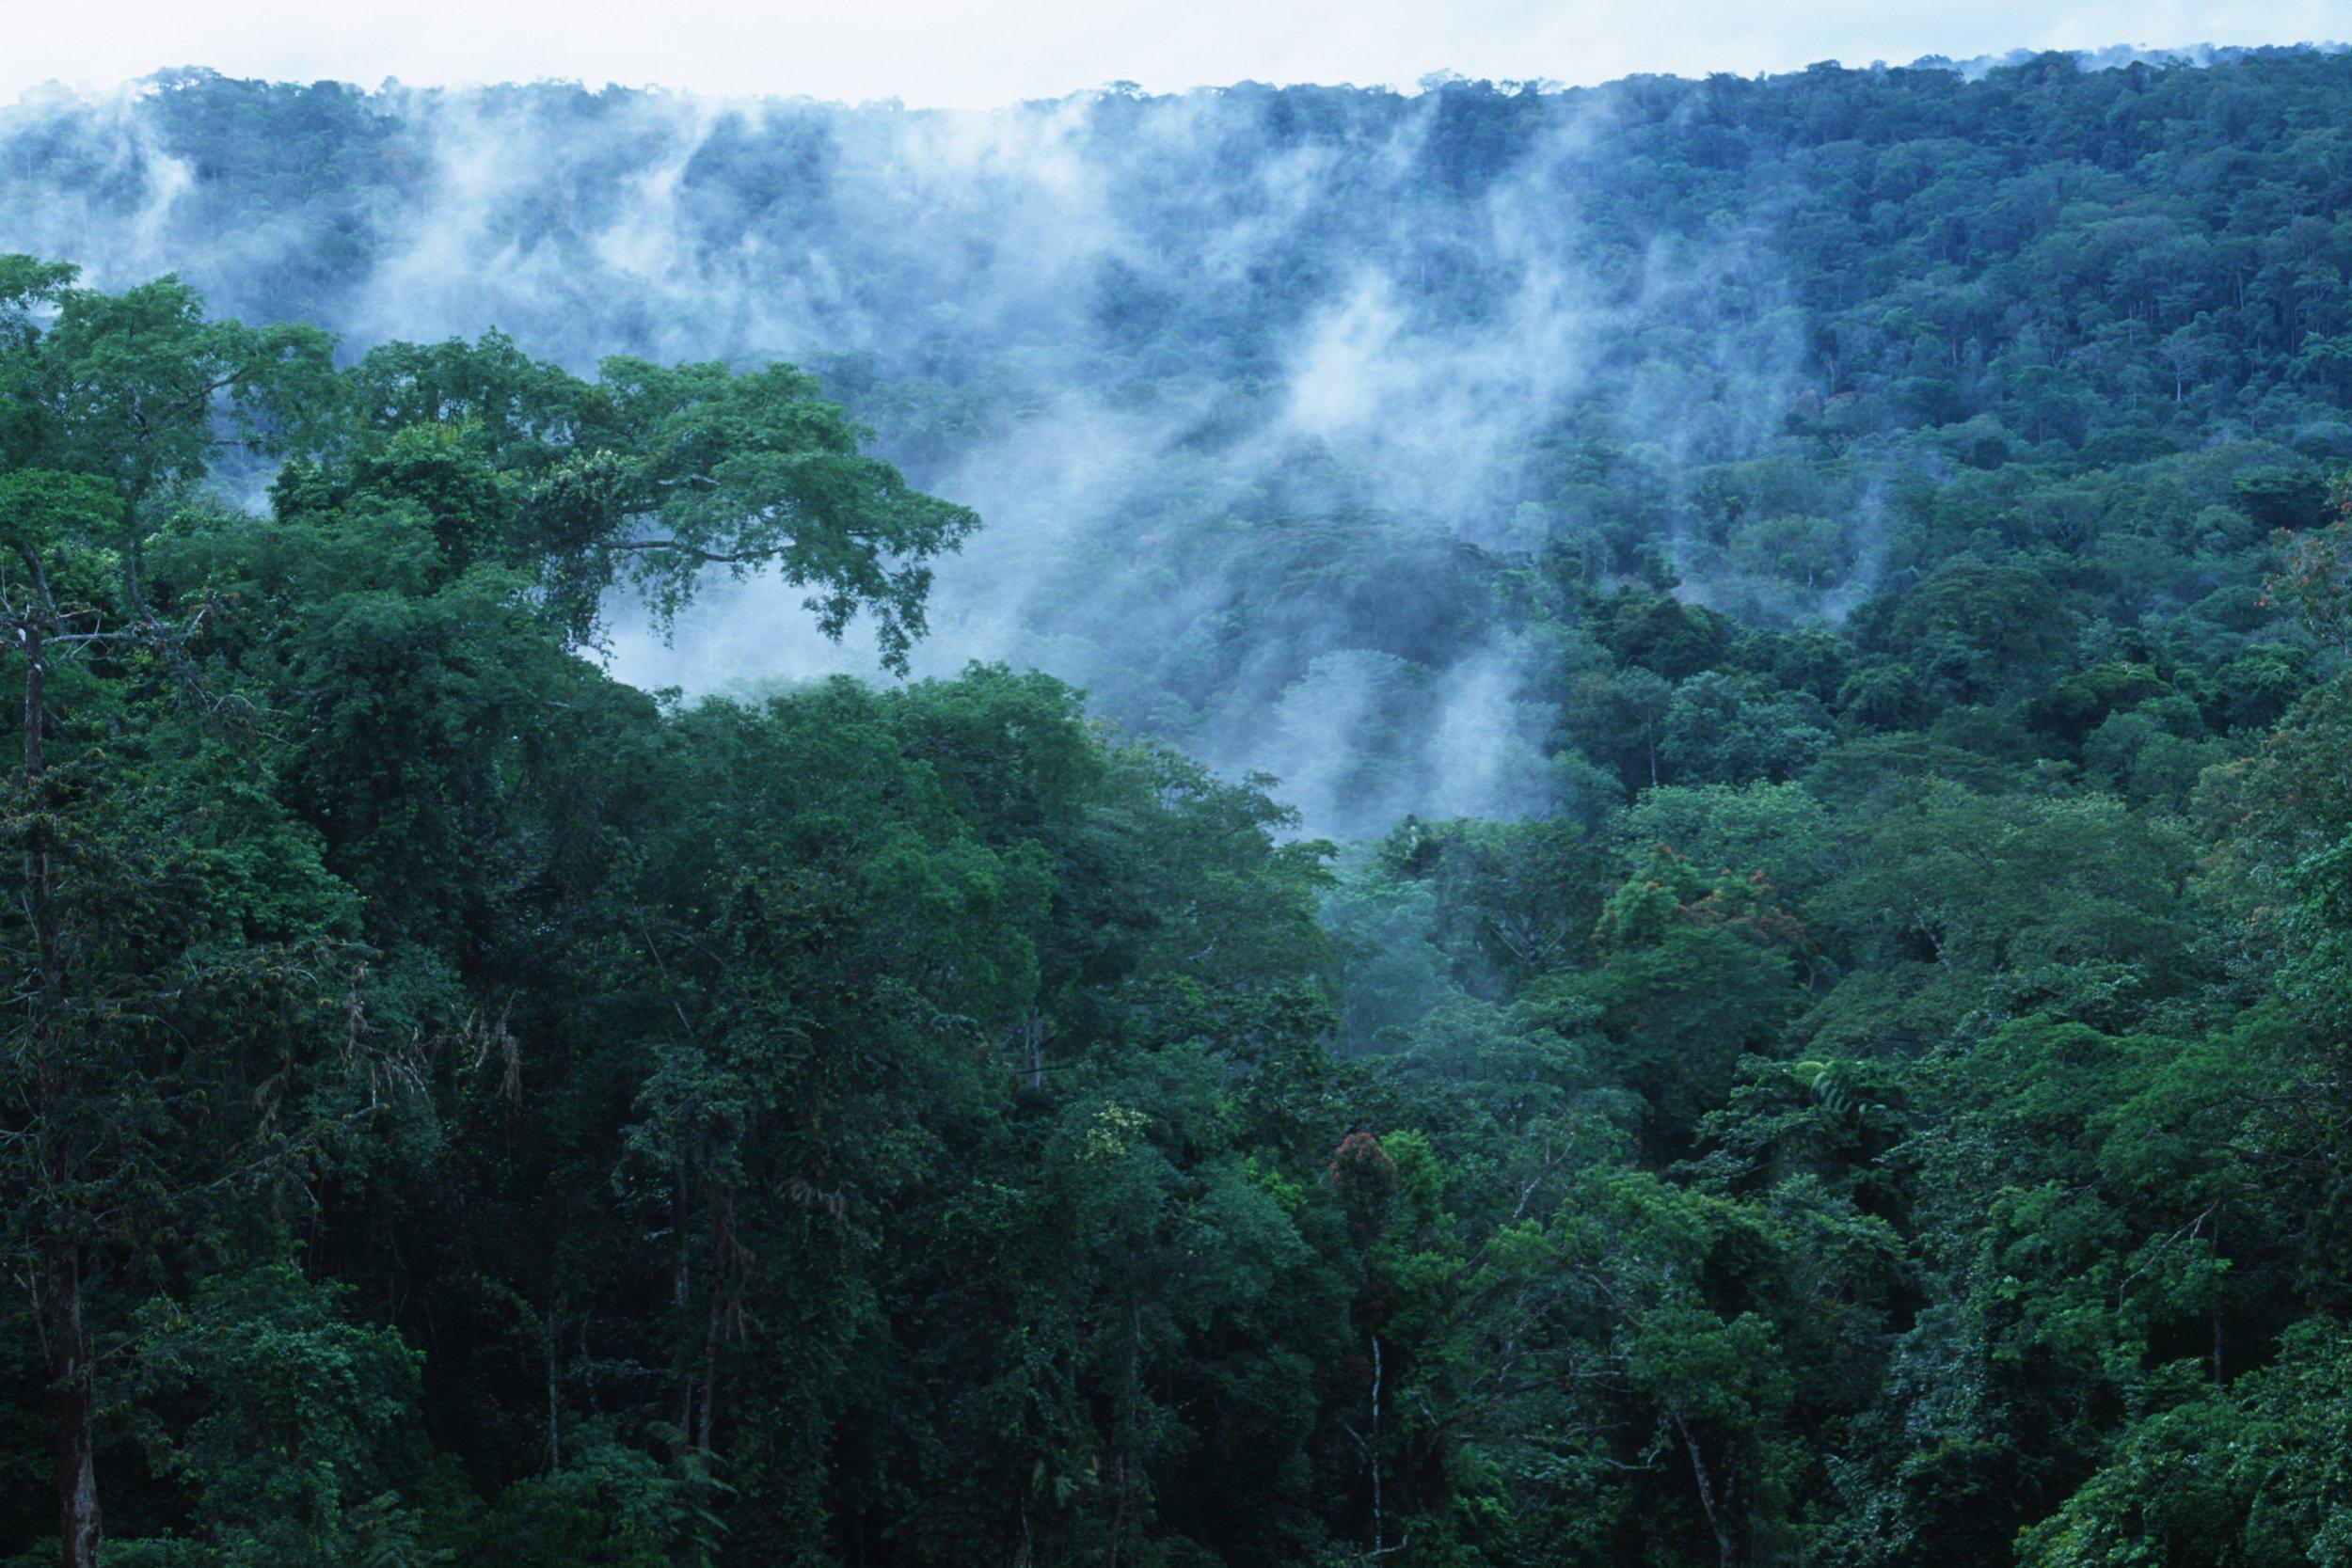 Tropischer Regenwald im Kongo-Becken, Wasserdampf steigt aus dem Wald.